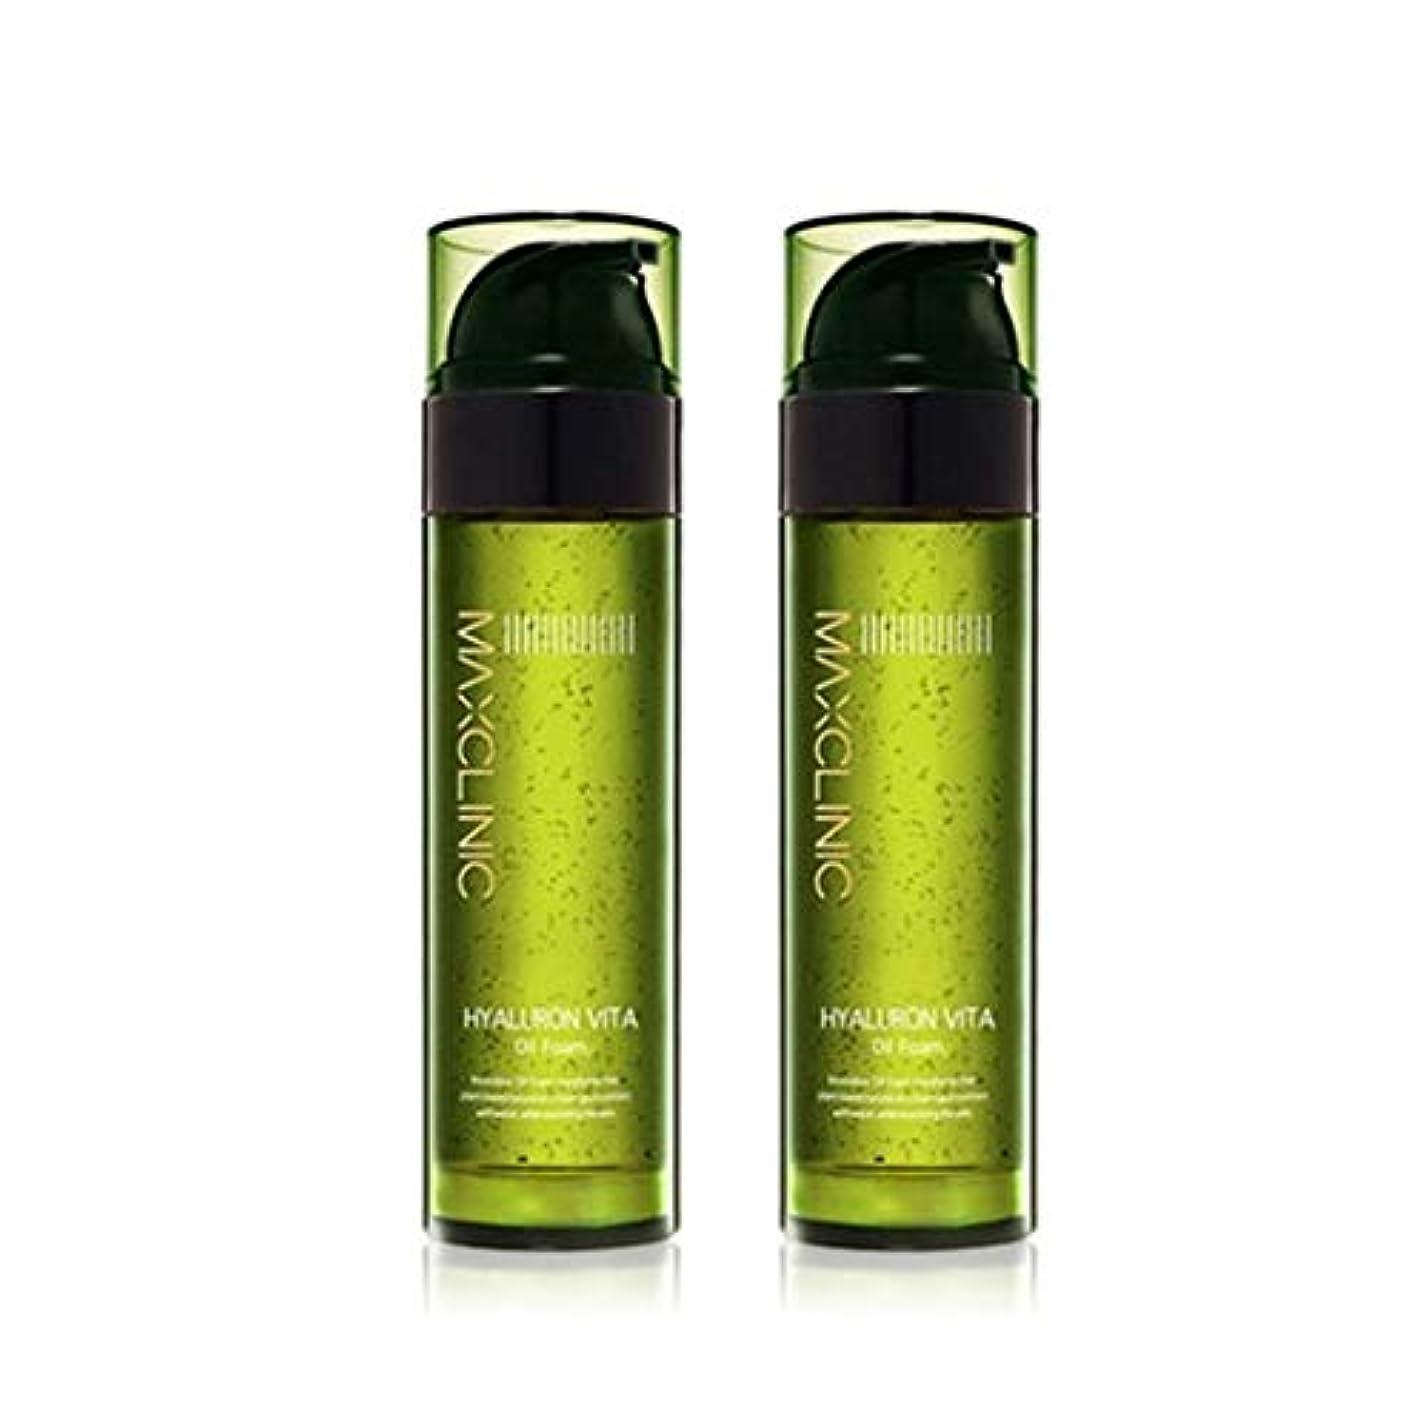 スケジュール電信ぶら下がるマックスクリニックヒアルロンヴィータオイルフォーム110gx2本セット韓国コスメ、Maxclinic Hyaluronic Acid Vita Oil Foam 110g x 2ea Set Korean Cosmetics...